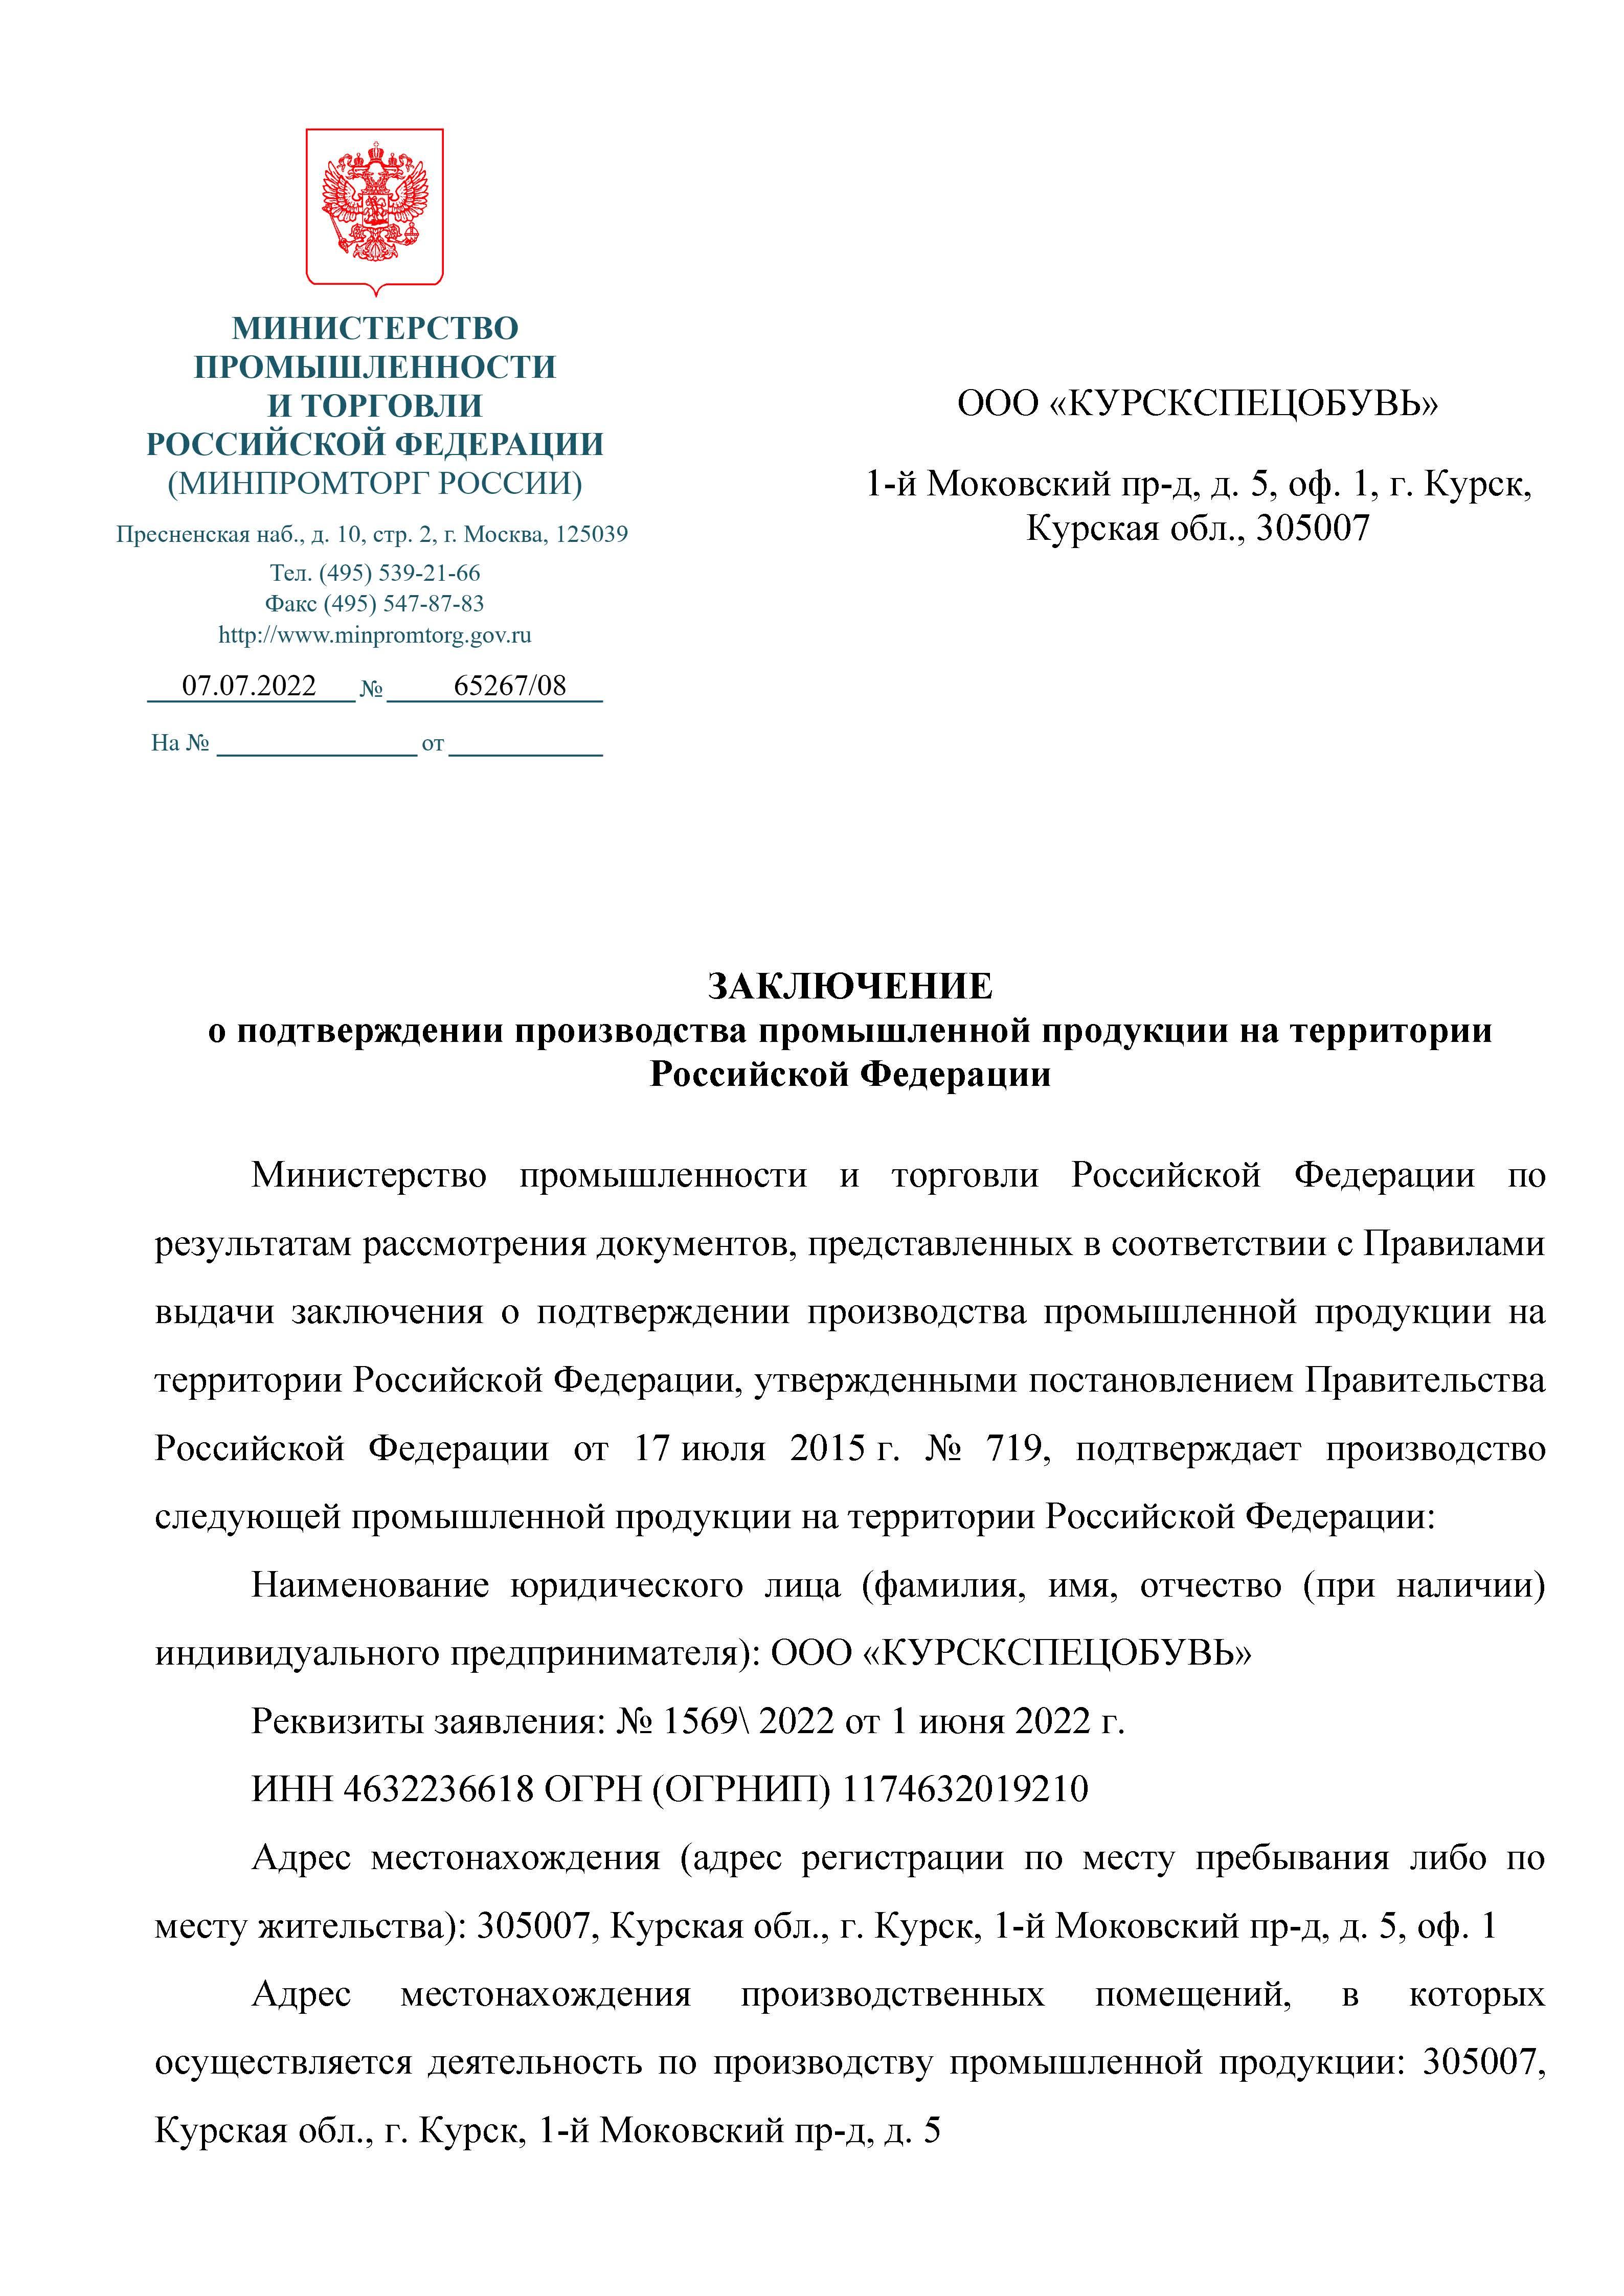 Заключение Минпромторга